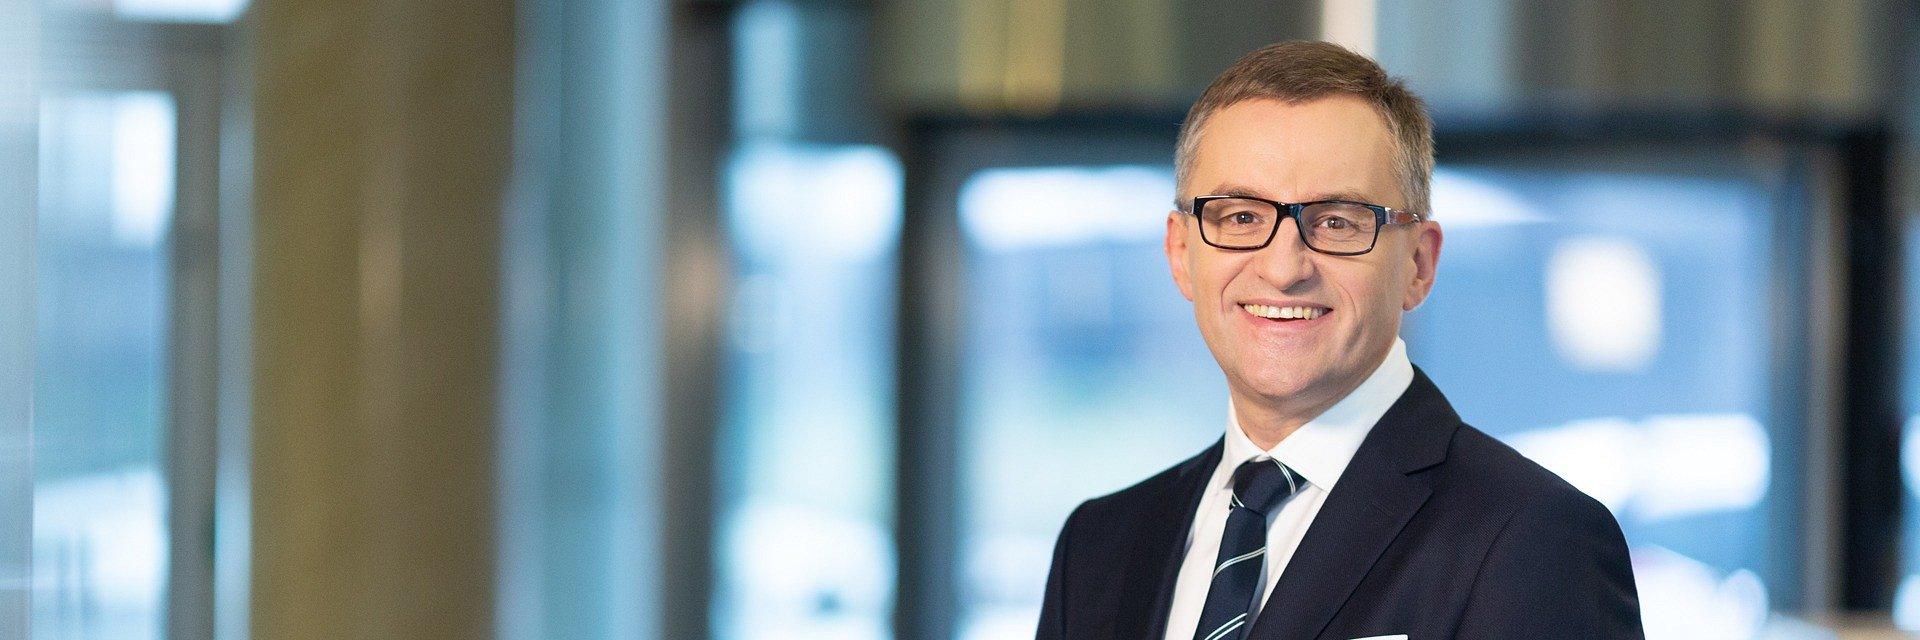 KNF wyraziła zgodę na powołanie Pawła Kacprzyka na CEO Nationale-Nederlanden